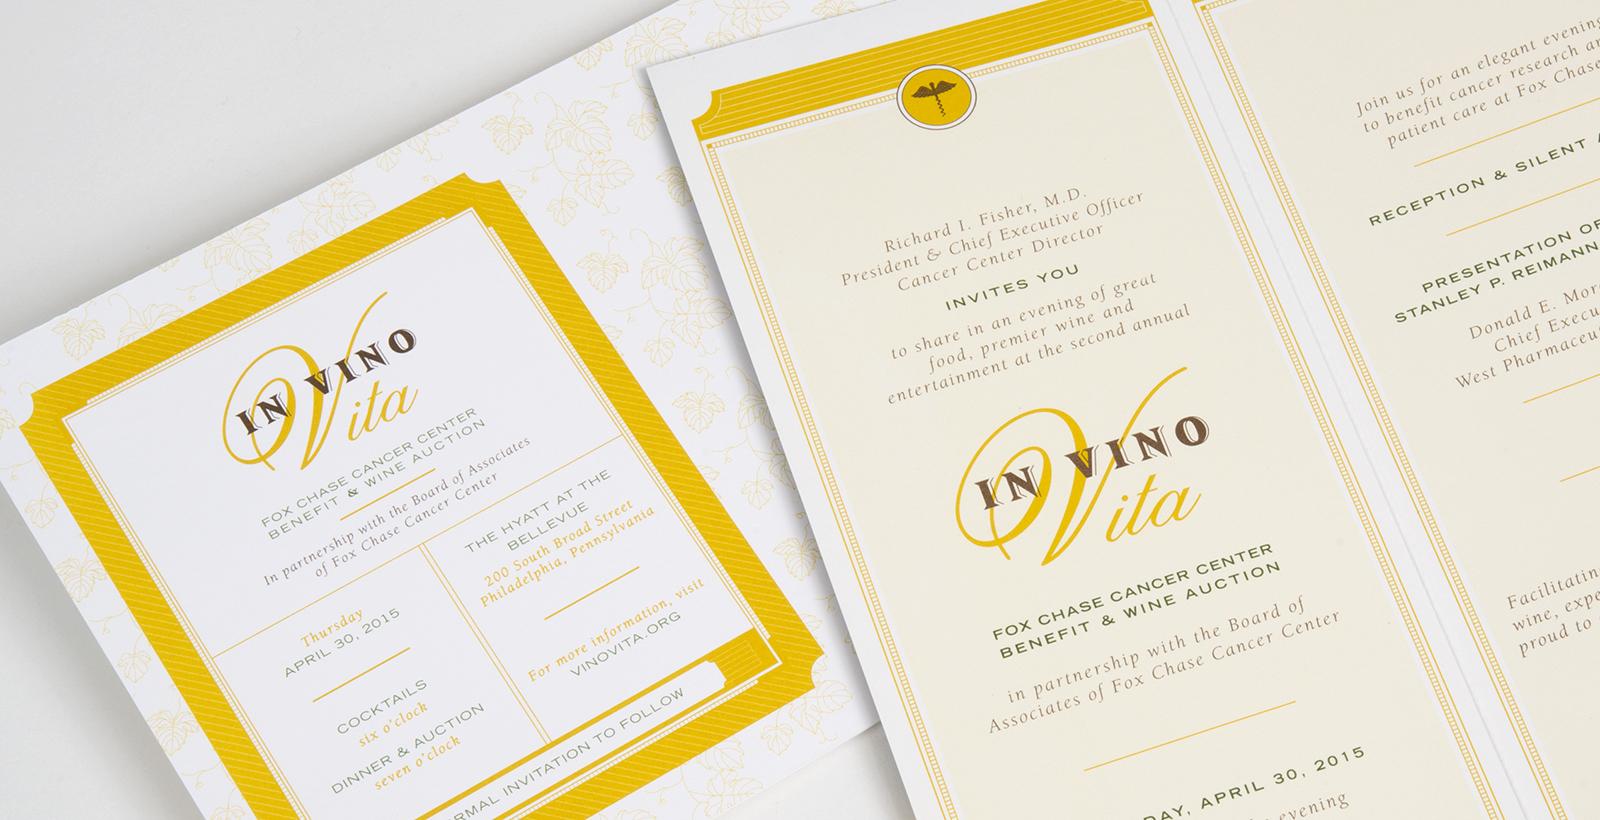 IVV2015_invite_1